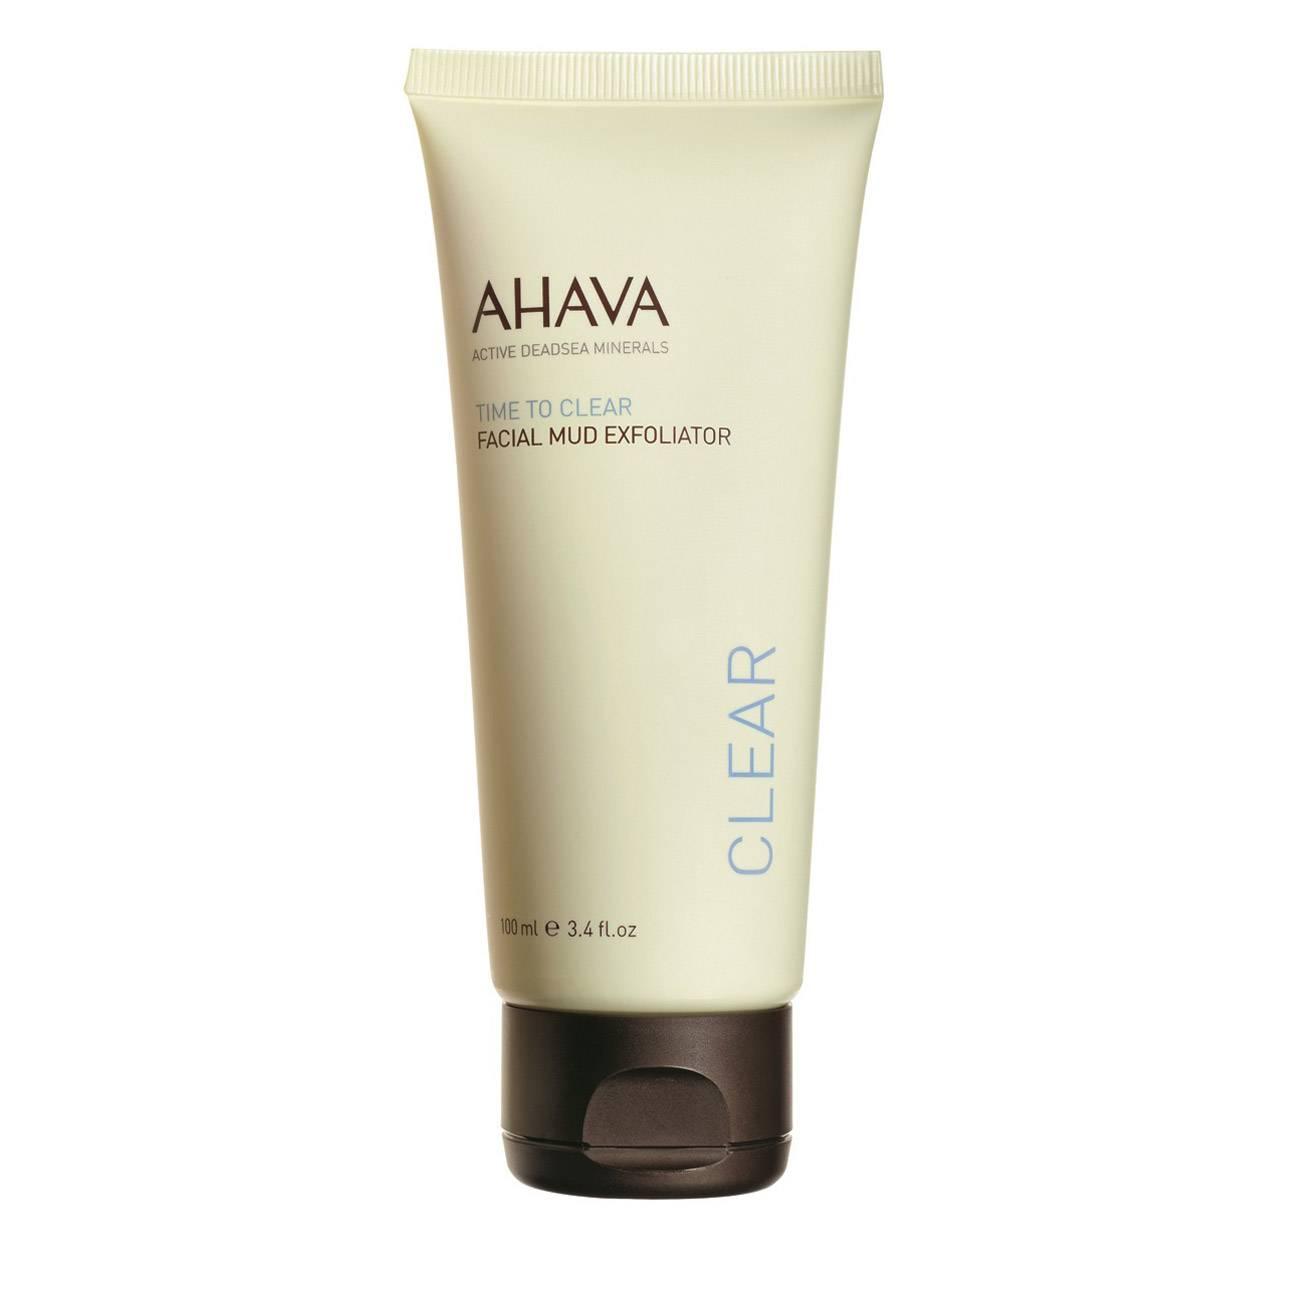 Time To Clear Facial Mud Exfoliator 100 Ml Ahava imagine 2021 bestvalue.eu